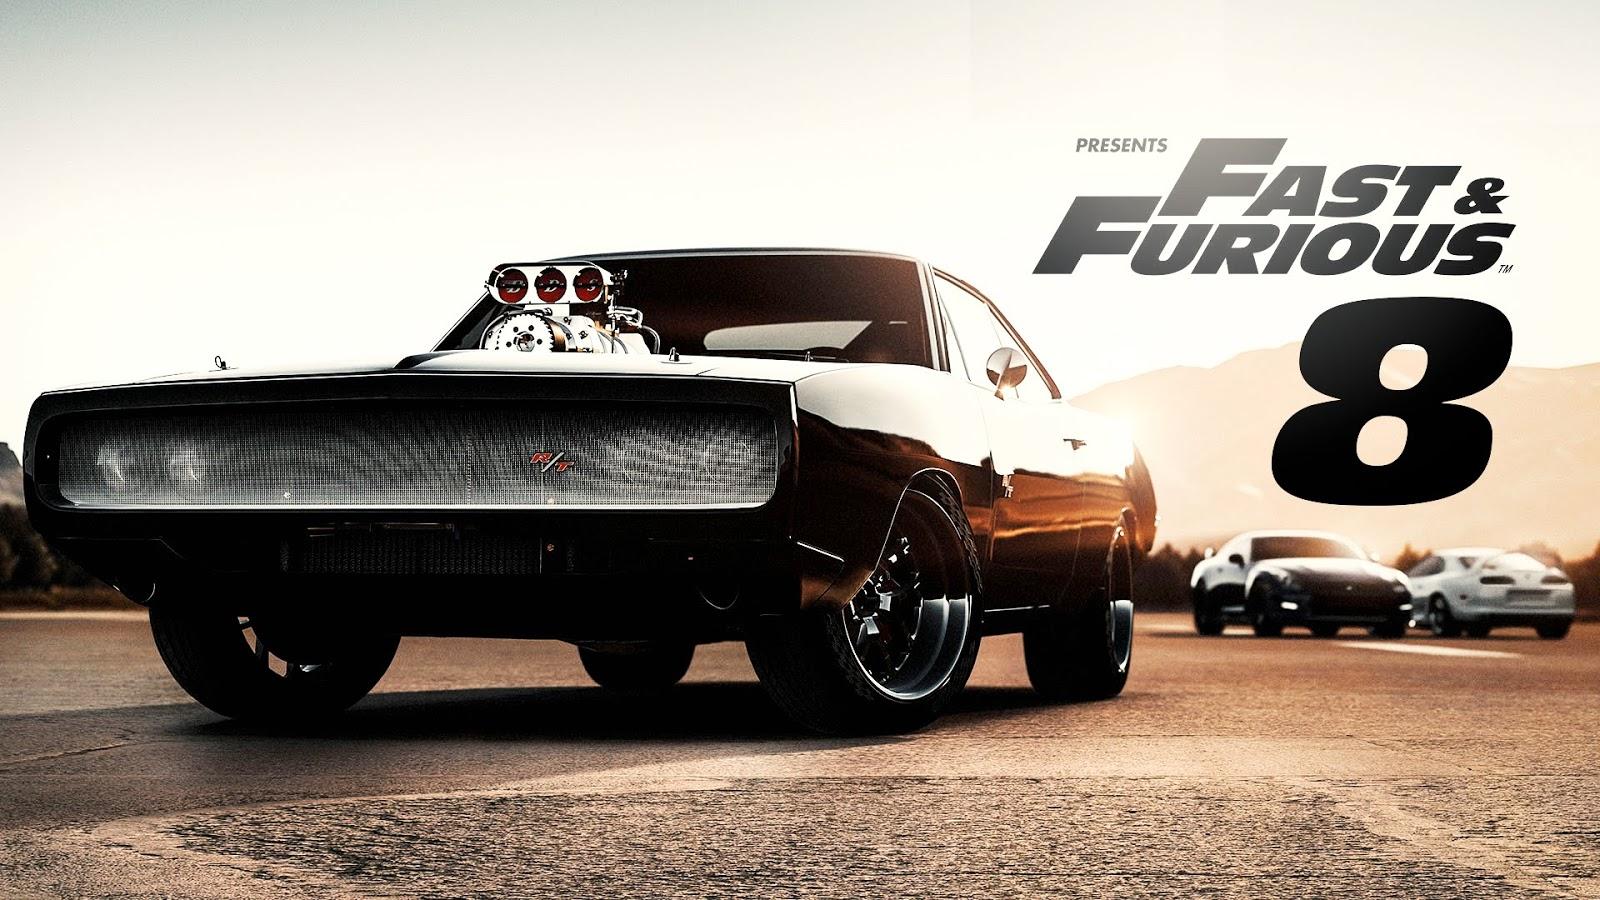 Chronique cinéma - Mon avis sur Fast and Furious 8 en DBOX - DeuxAimes